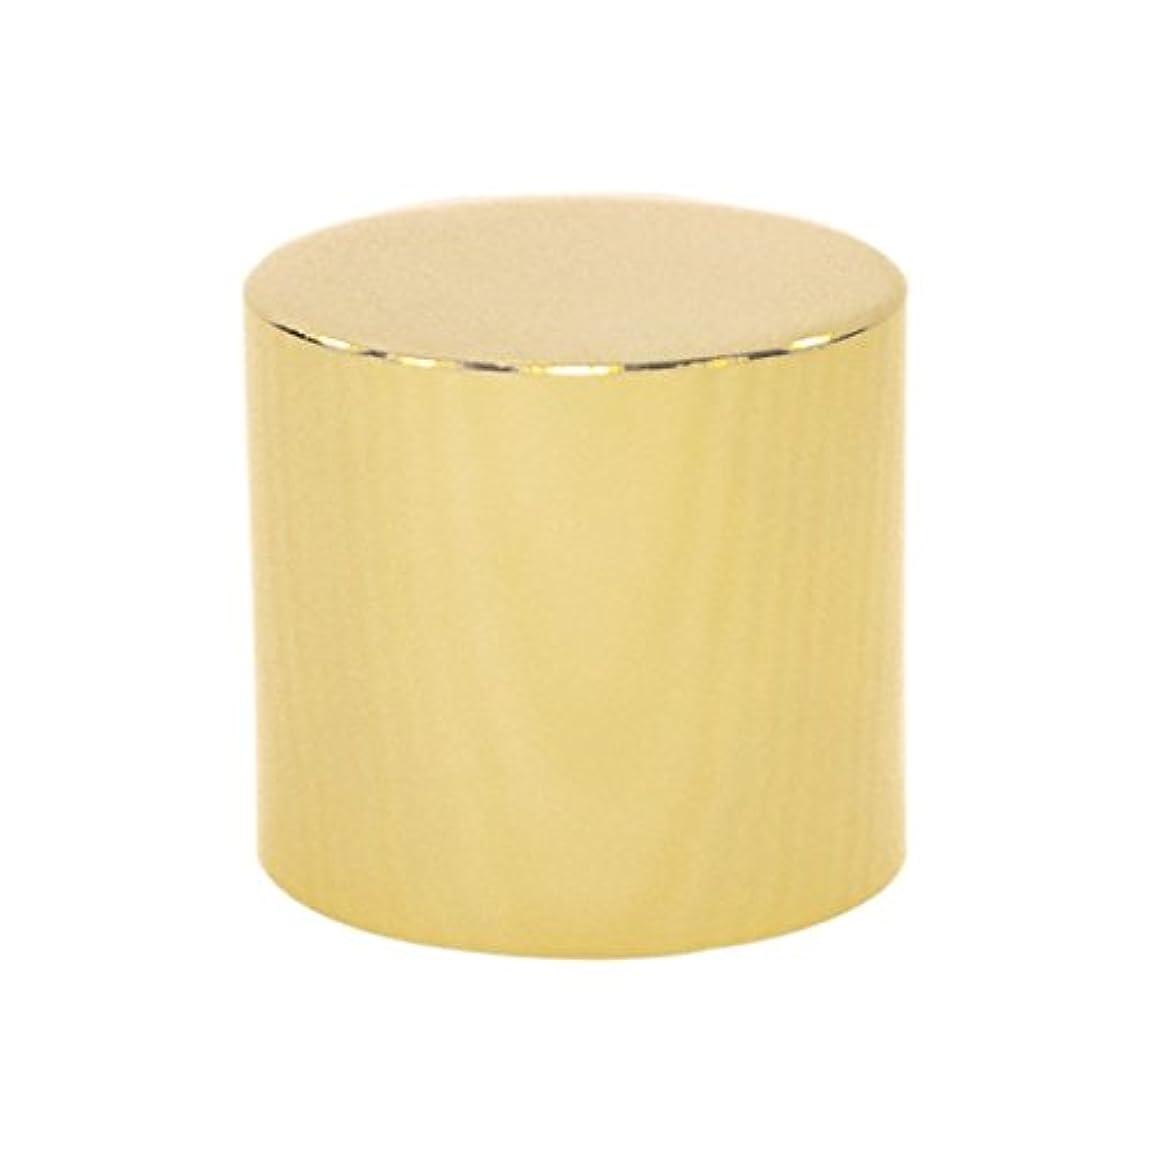 いつでも助けになる画面ランプベルジェ(LAMPE BERGER)消火キャップ【正規輸入品】密閉蓋ゴールド